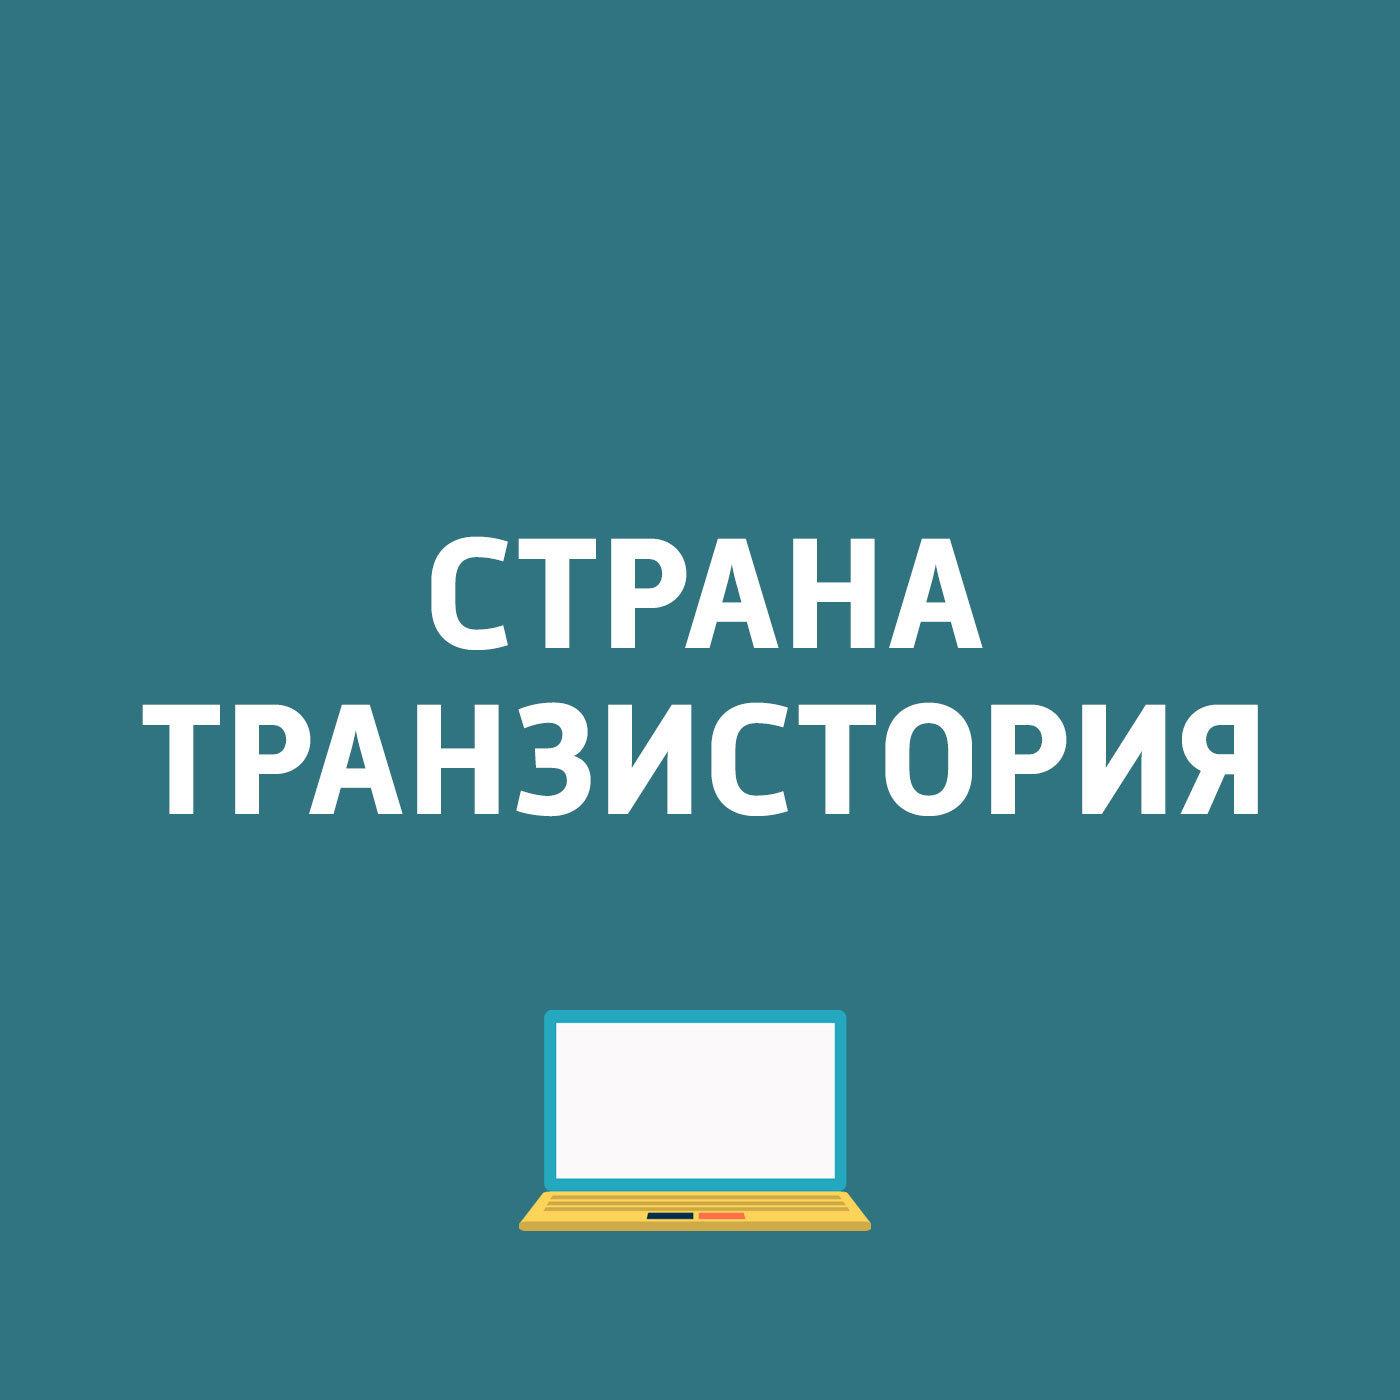 Картаев Павел Yota 3; нововведения IOS 11; новая функция Google Earth...